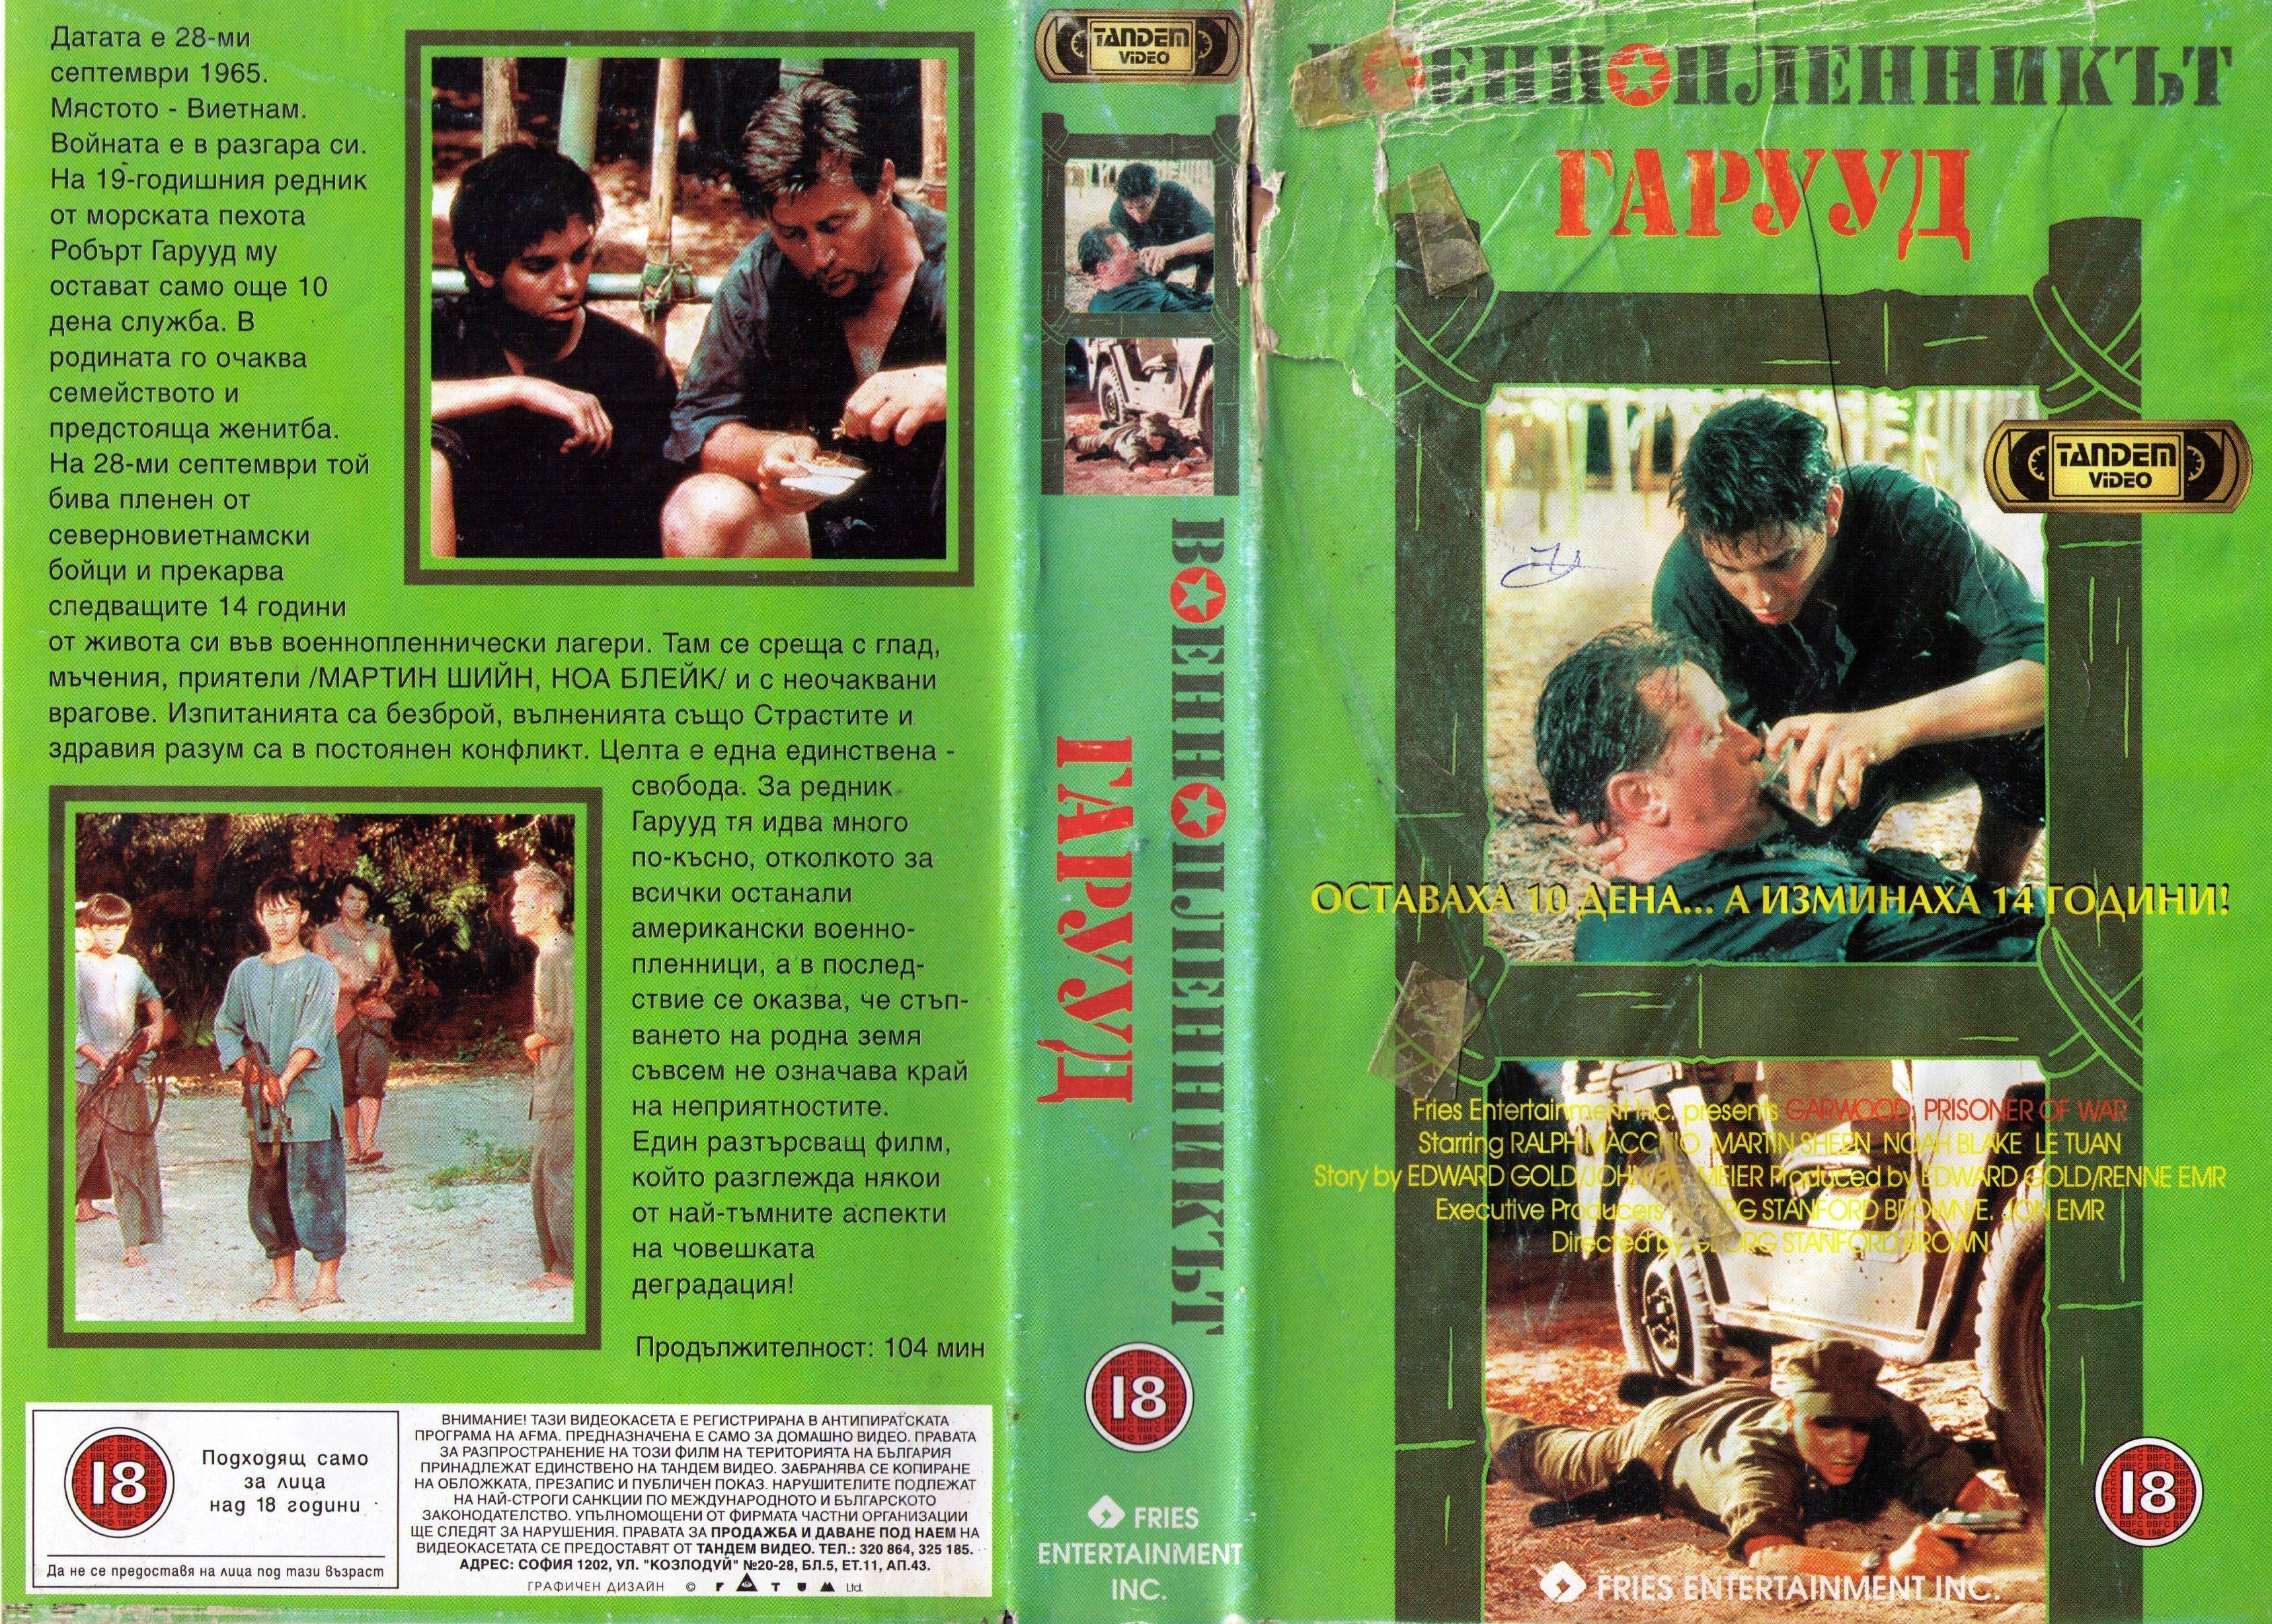 Военнопленикът Гарууд филм постер